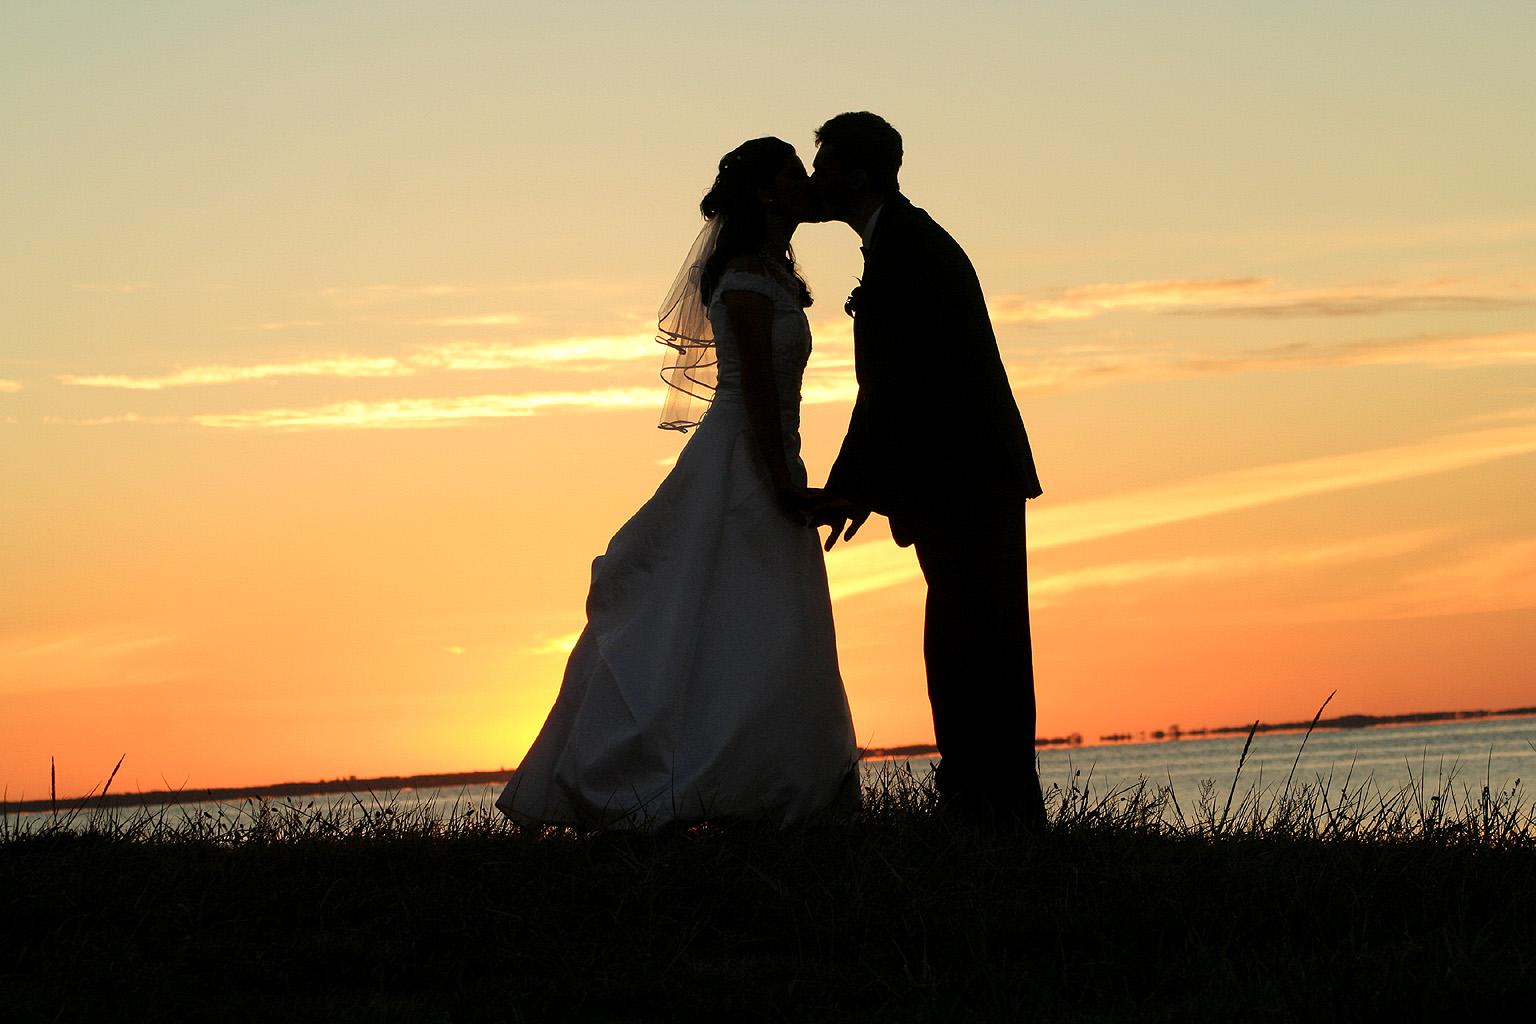 Sonntags einkaufen wedding